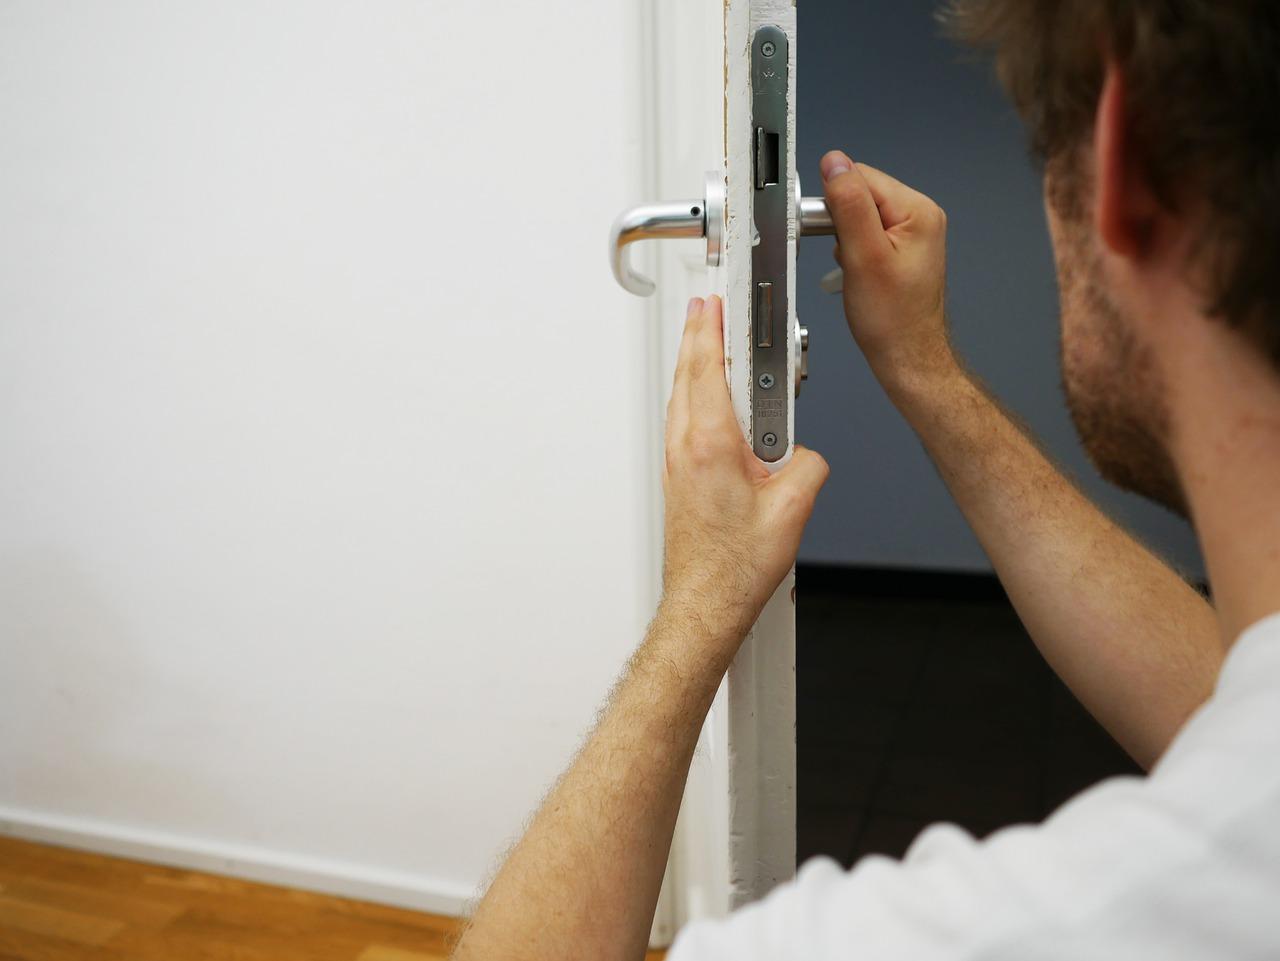 Que doit-on faire pour sécuriser efficacement la maison ?